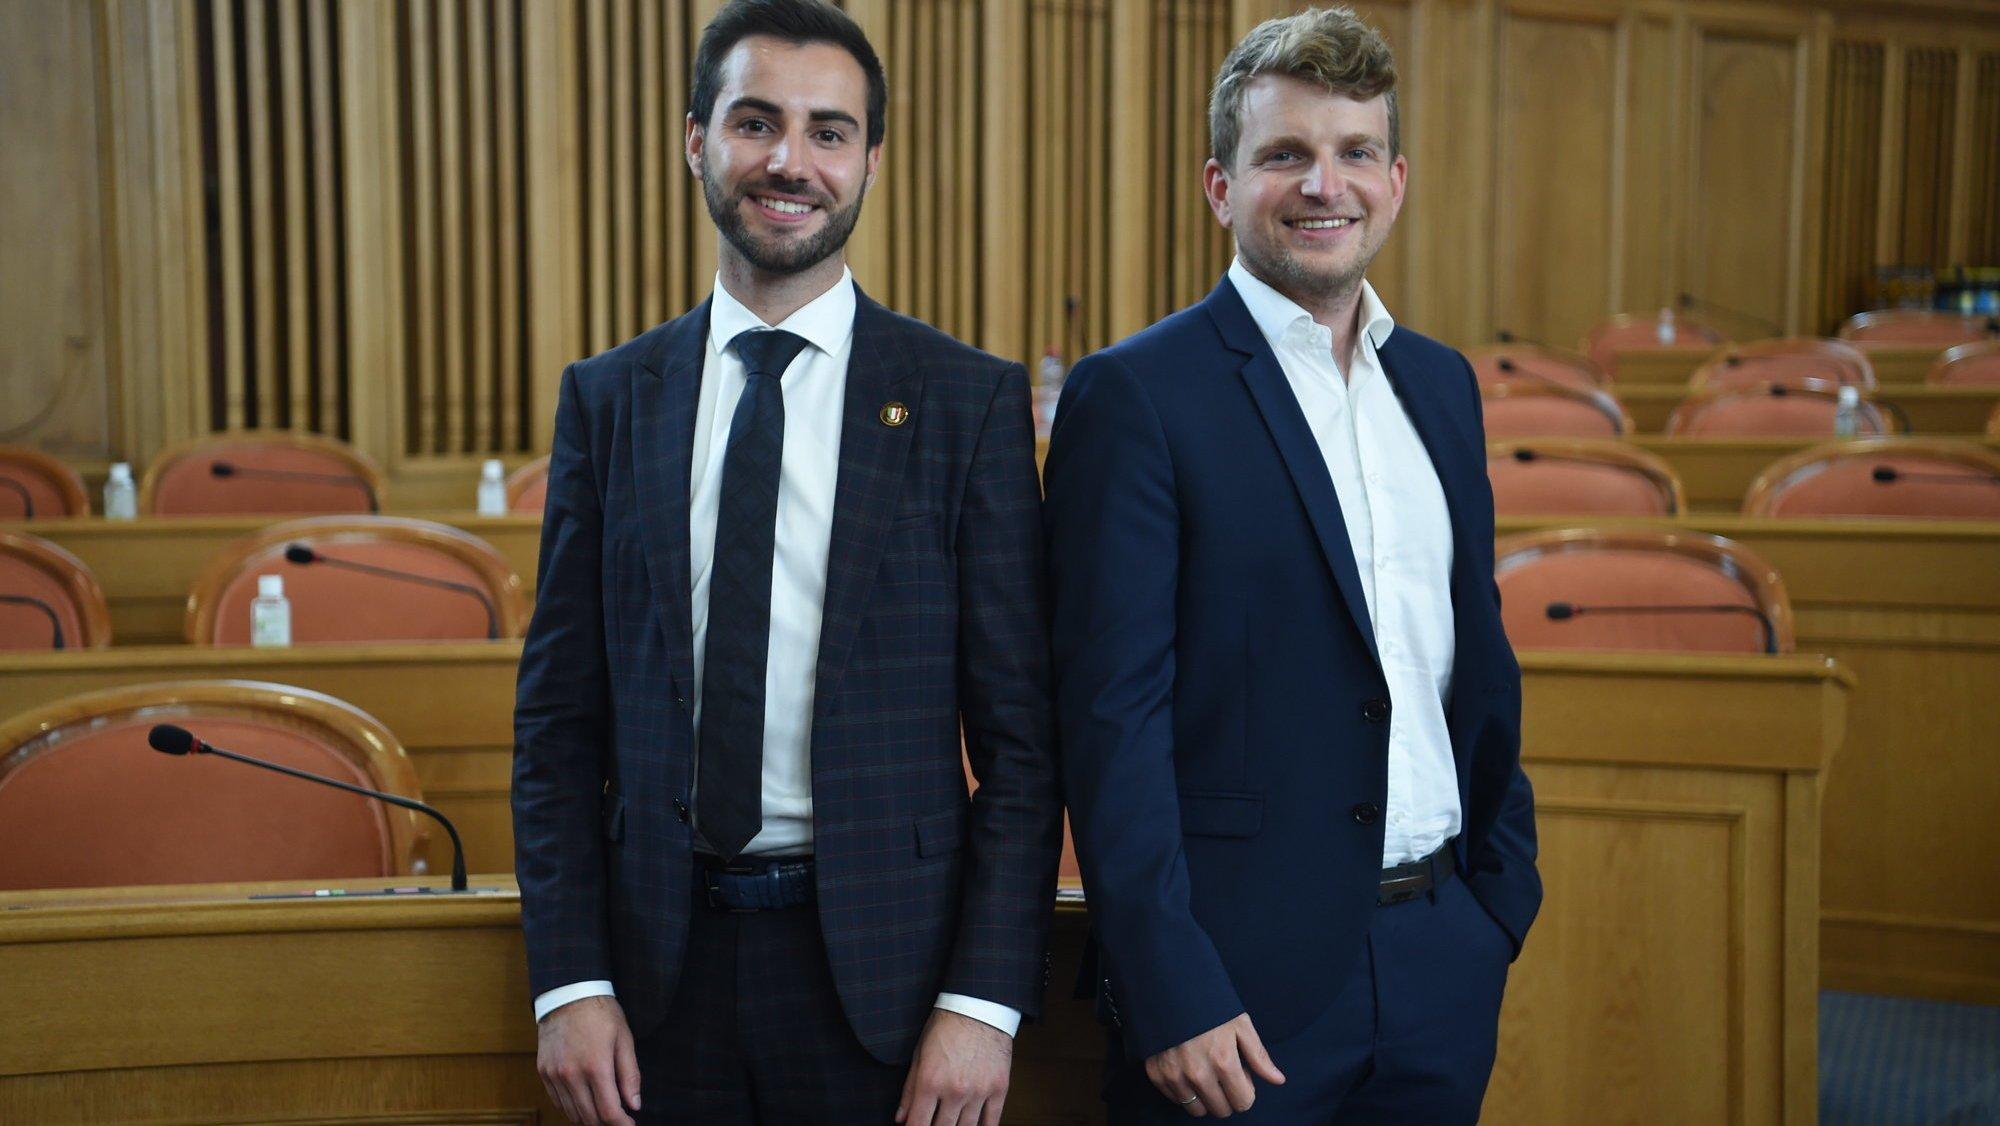 Quentin Di Meo (à g.) et Baptiste Hunkeler dans la salle du Grand Conseil, à Neuchâtel.